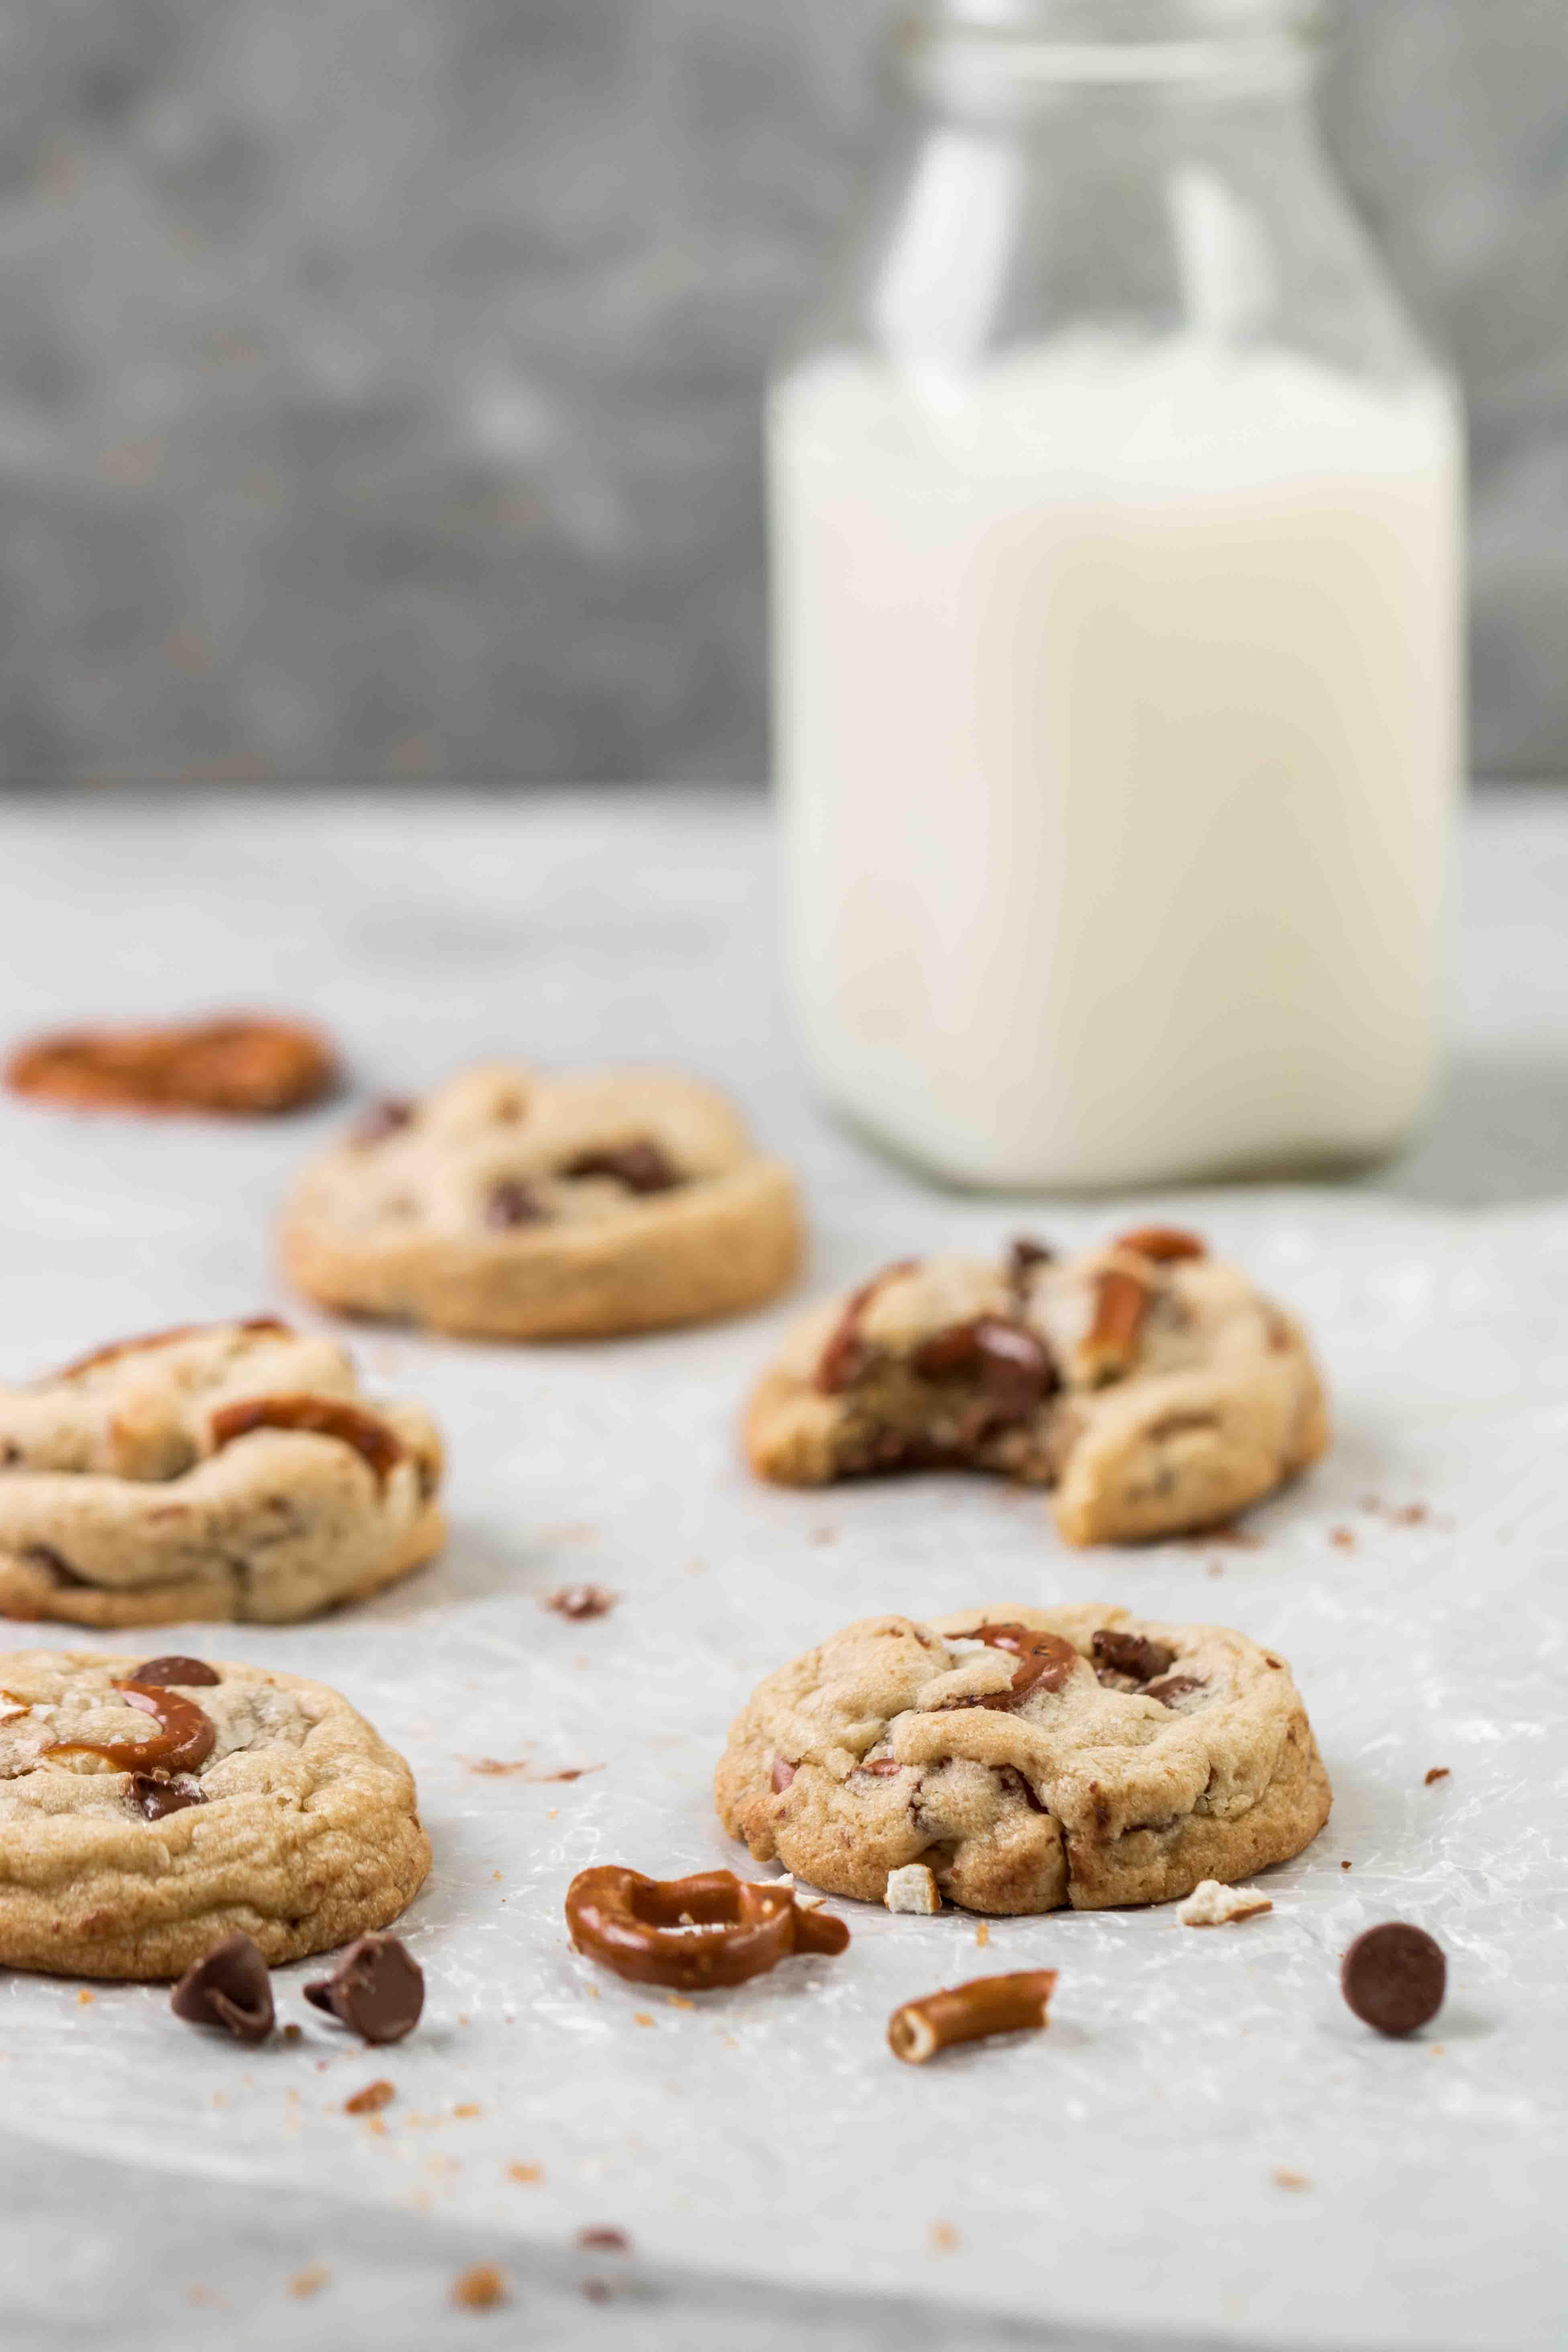 pretzel chocolate chip cookies with milk jug